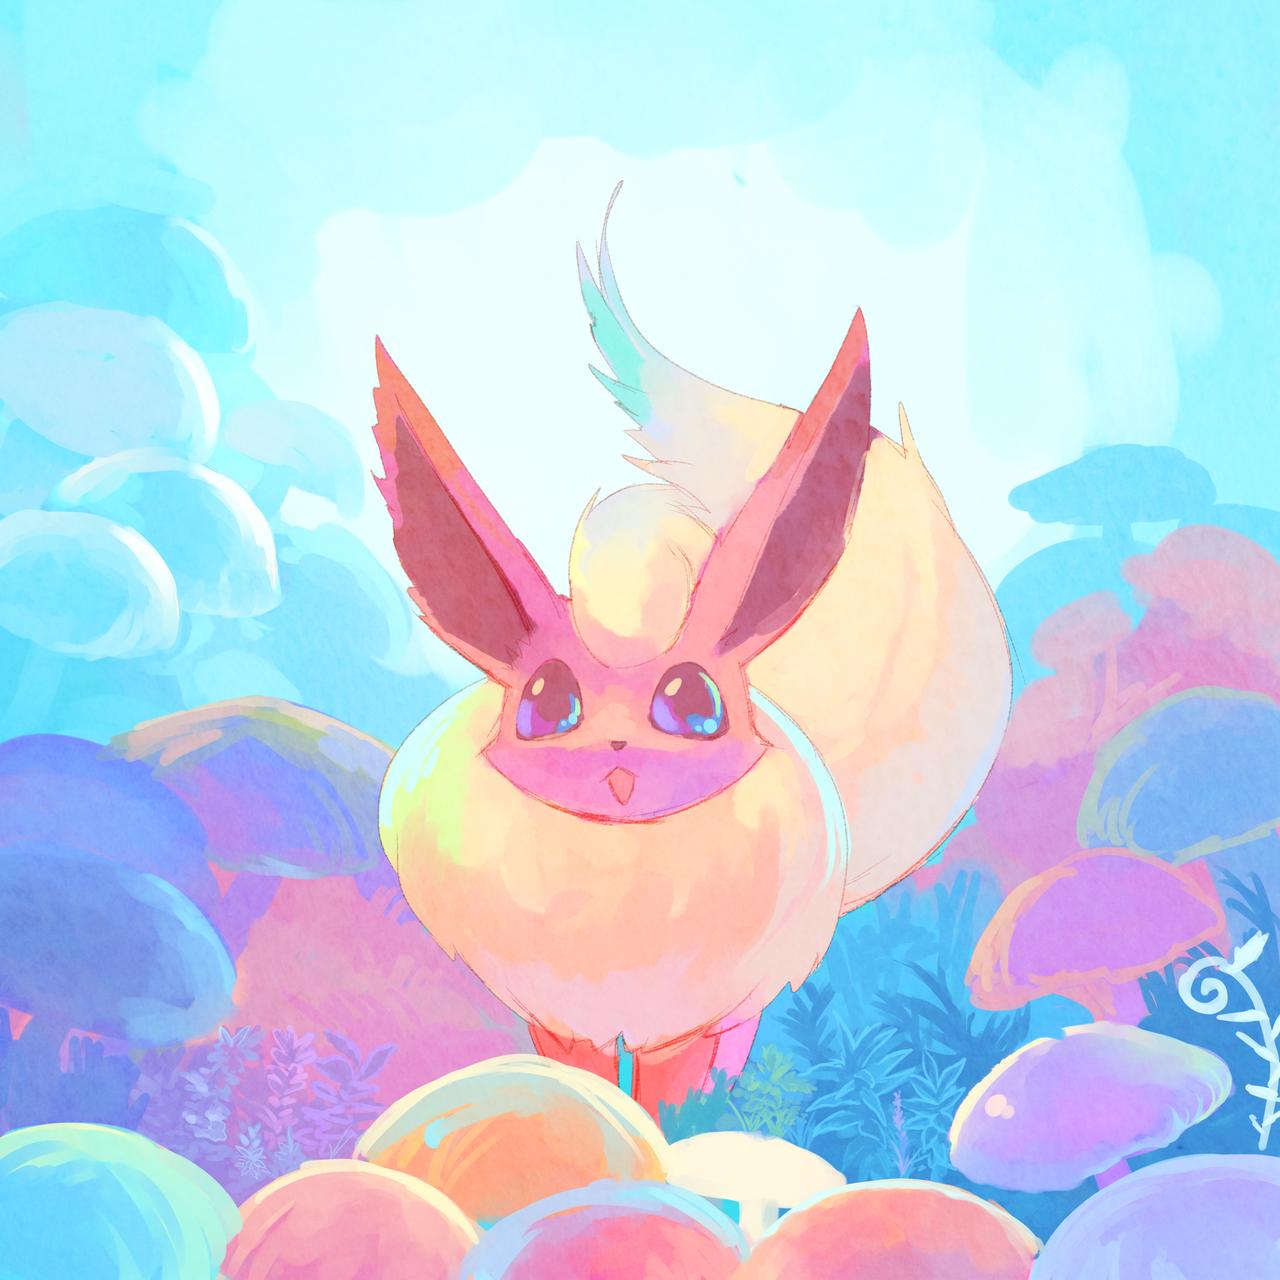 超可爱的宠物小精灵主题画作赏-第8页-游戏